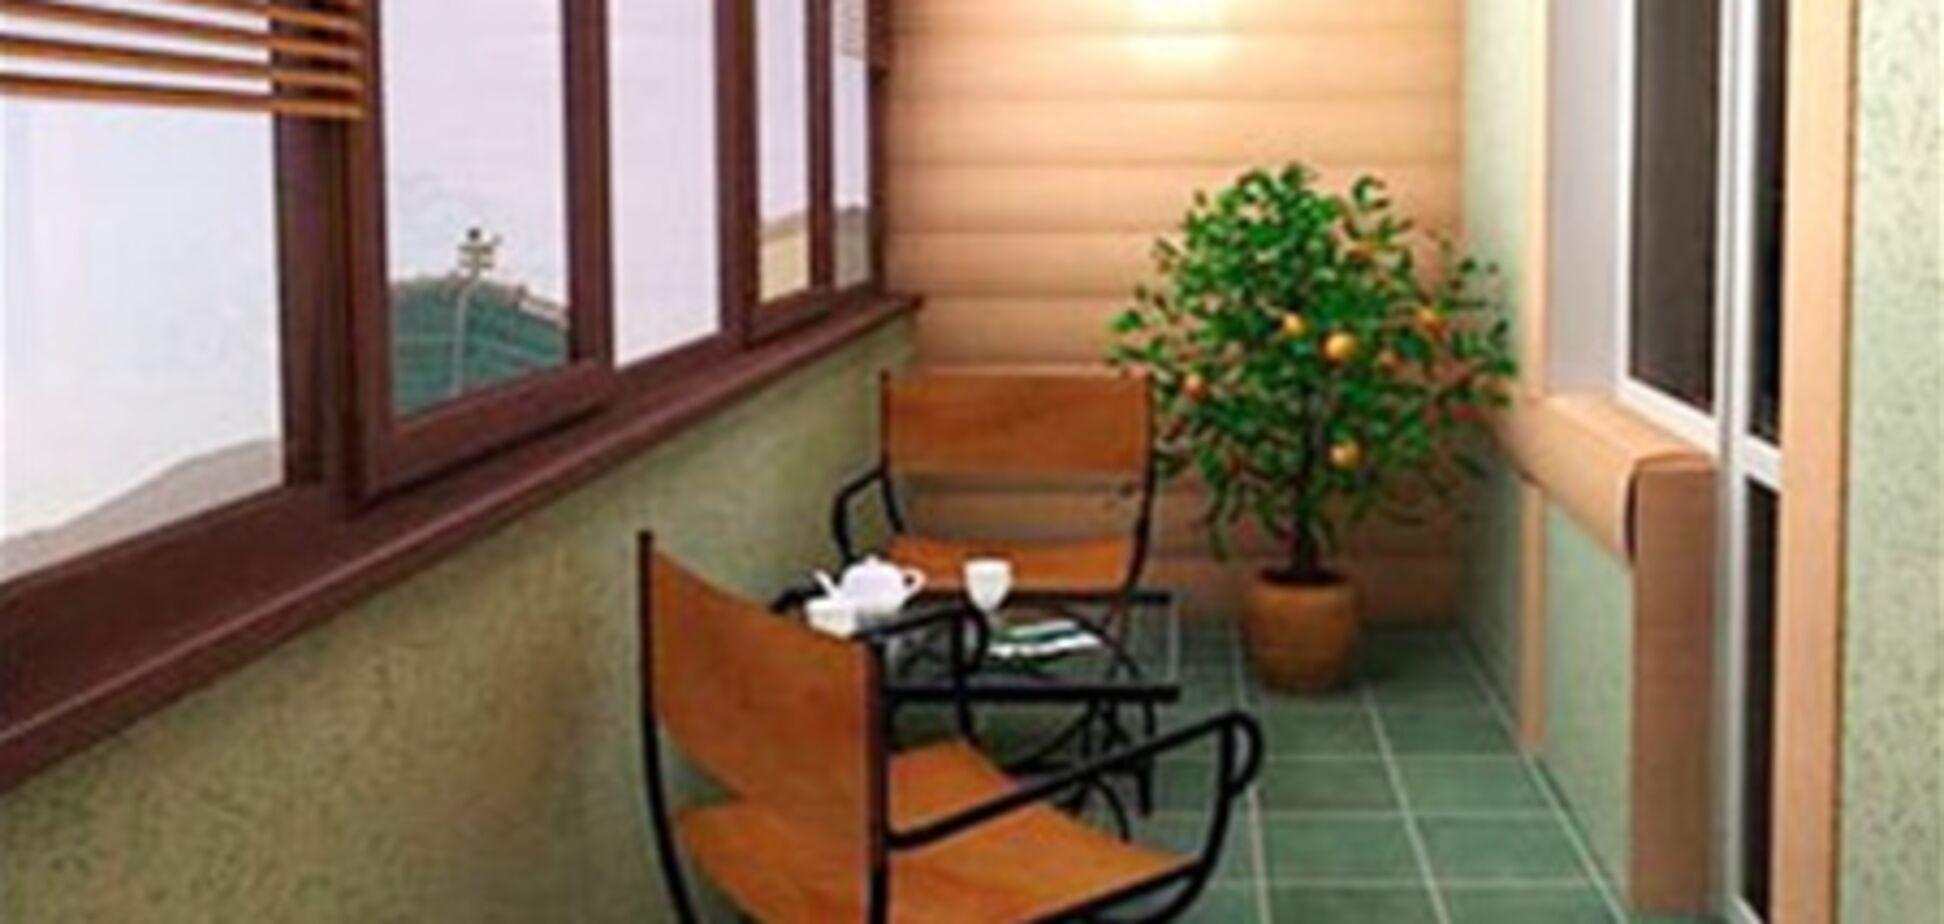 Мебель для балкона и лоджии, обустраиваем балкон